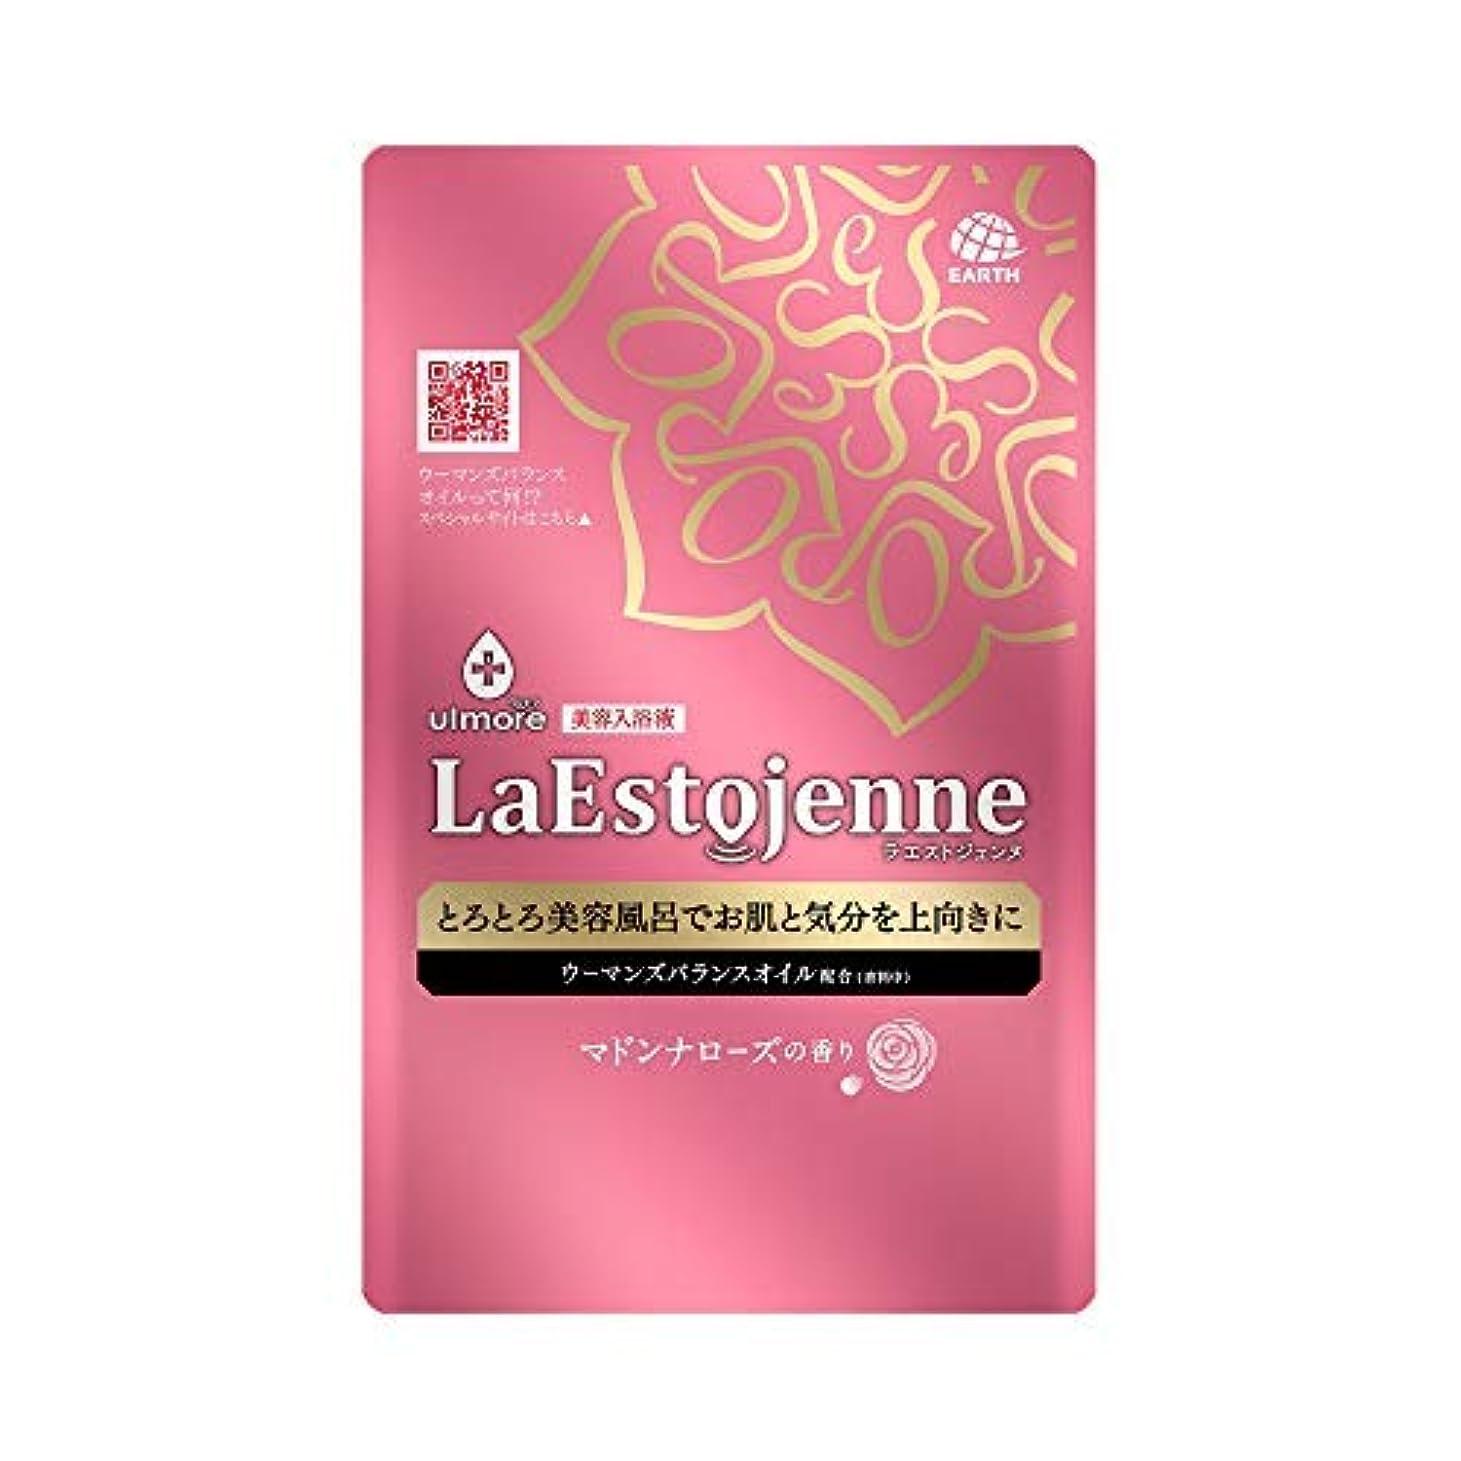 屋内で金貸し舞い上がるウルモア ラエストジェンヌ マドンナローズの香り 1包 × 3個セット